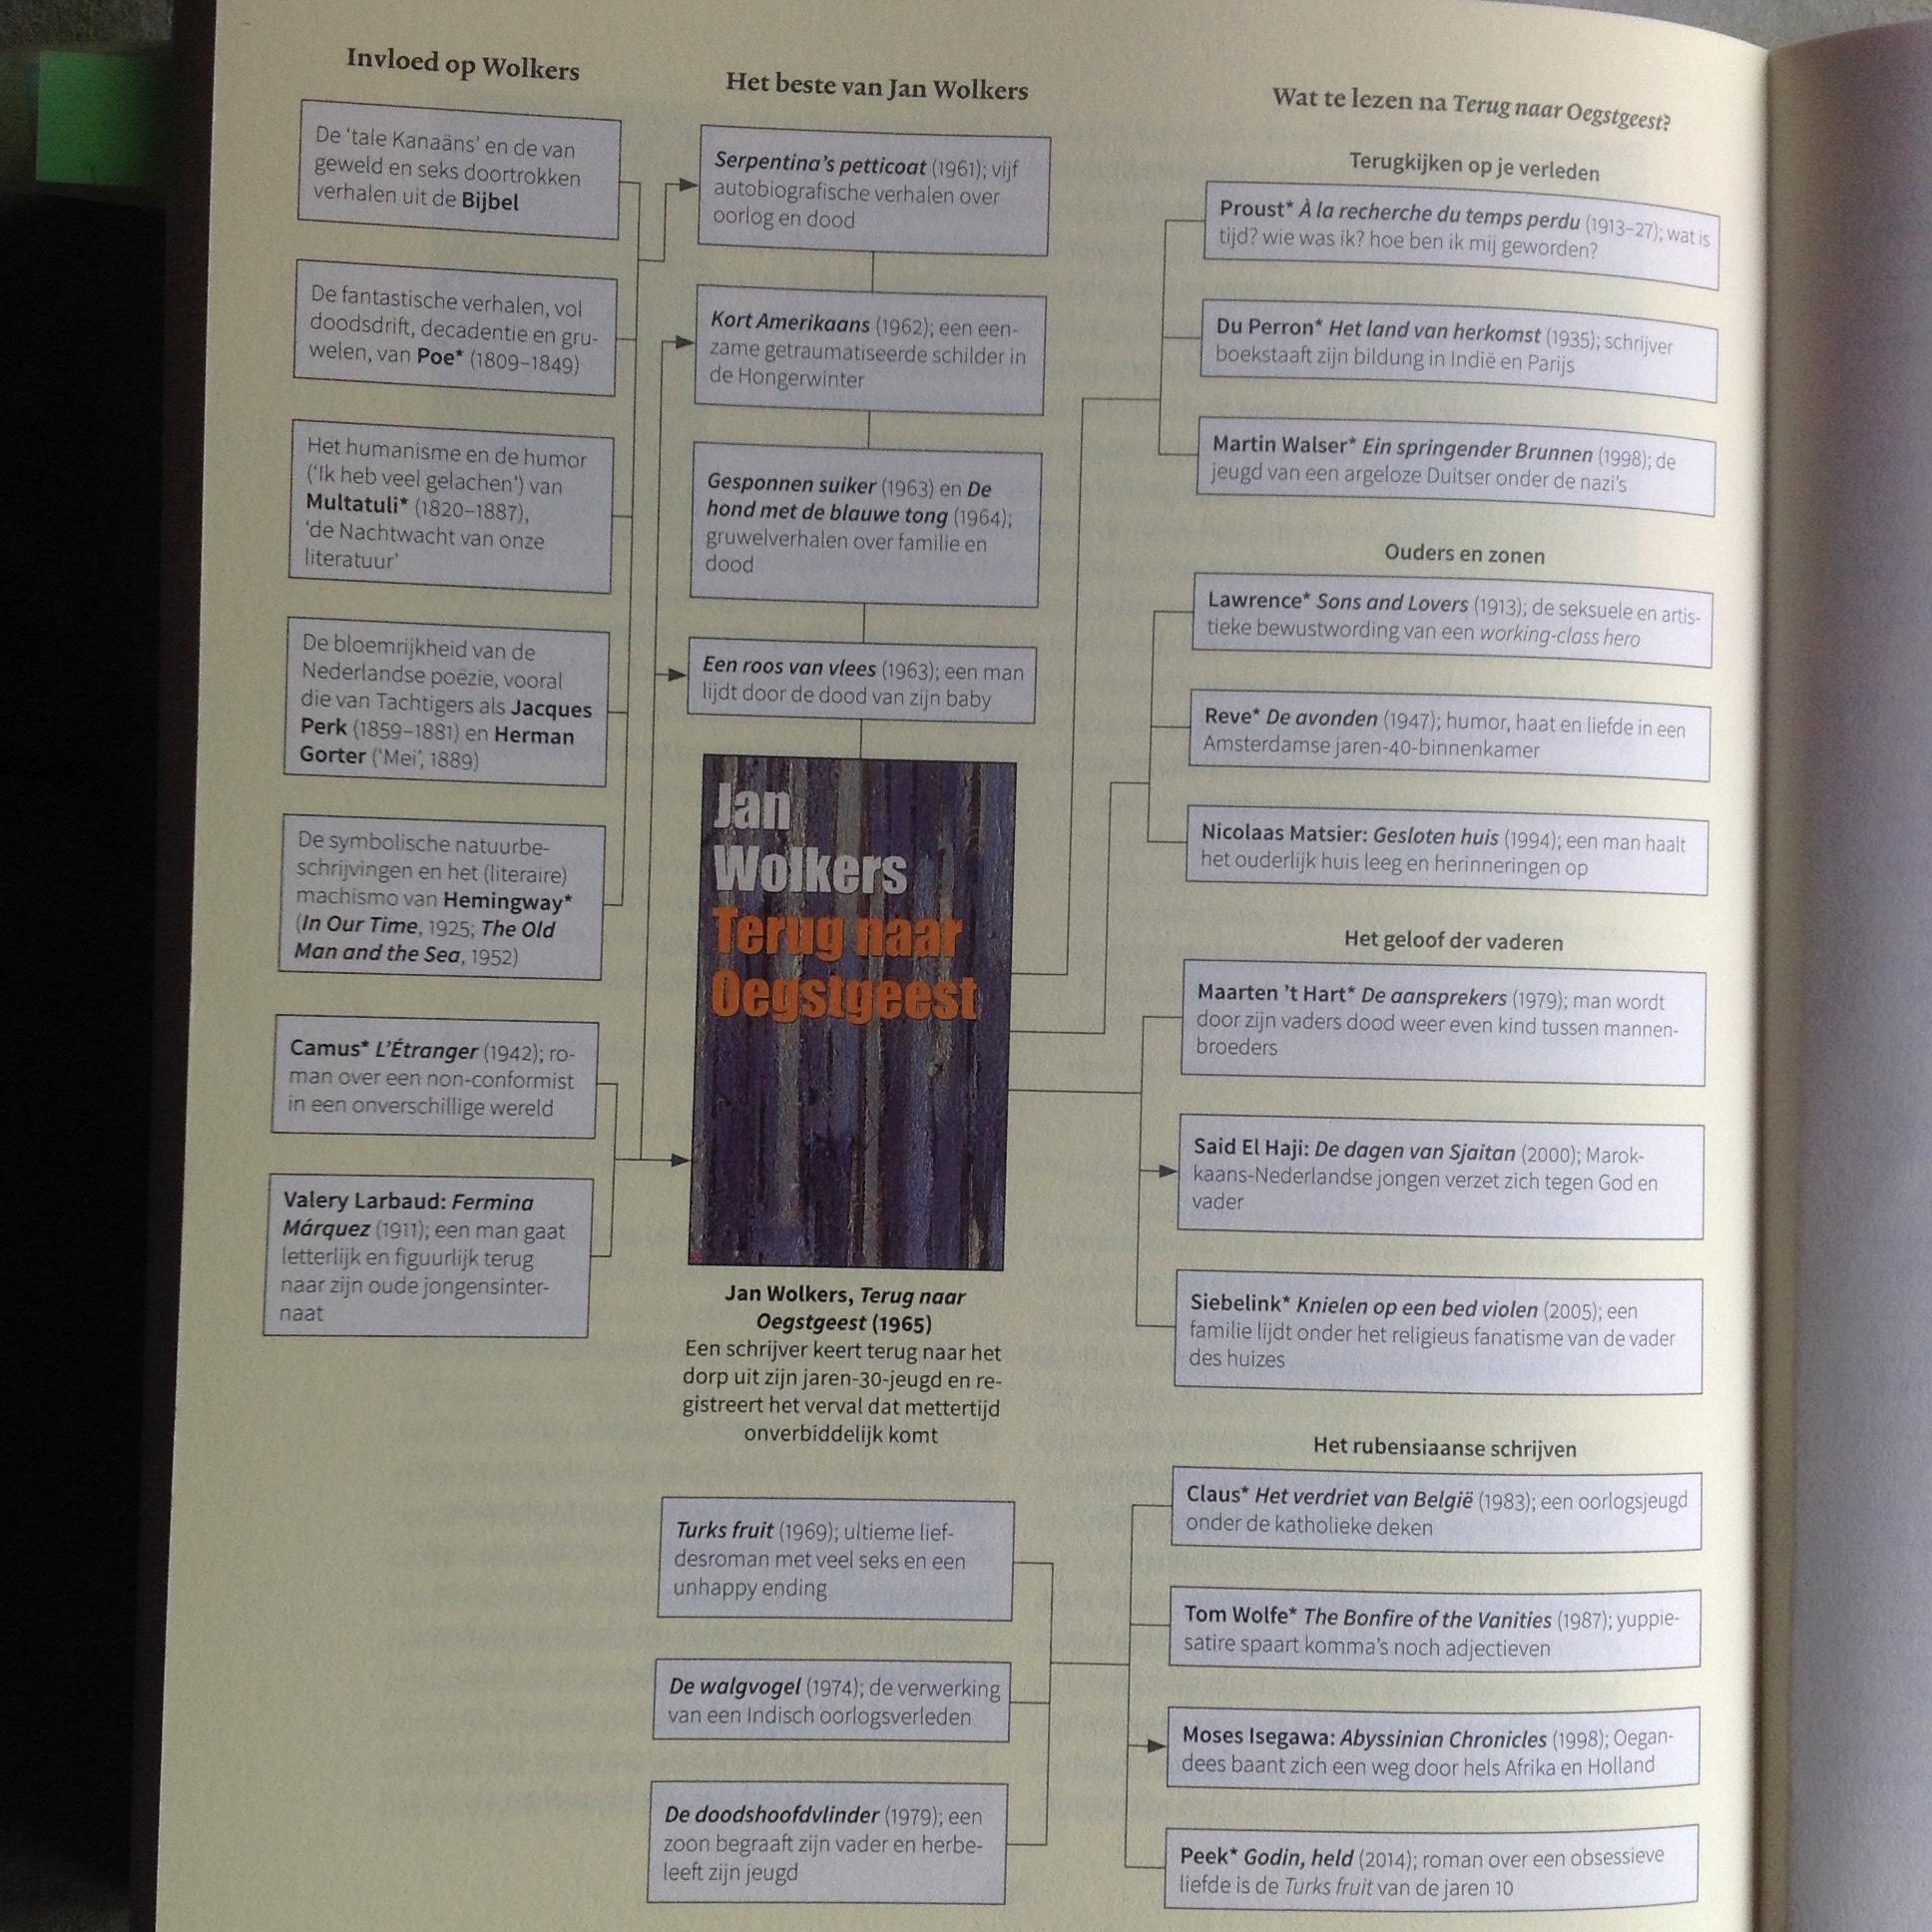 Citaten Uit Literatuur : Het land van herkomst perron e. du lezen voor de lijst